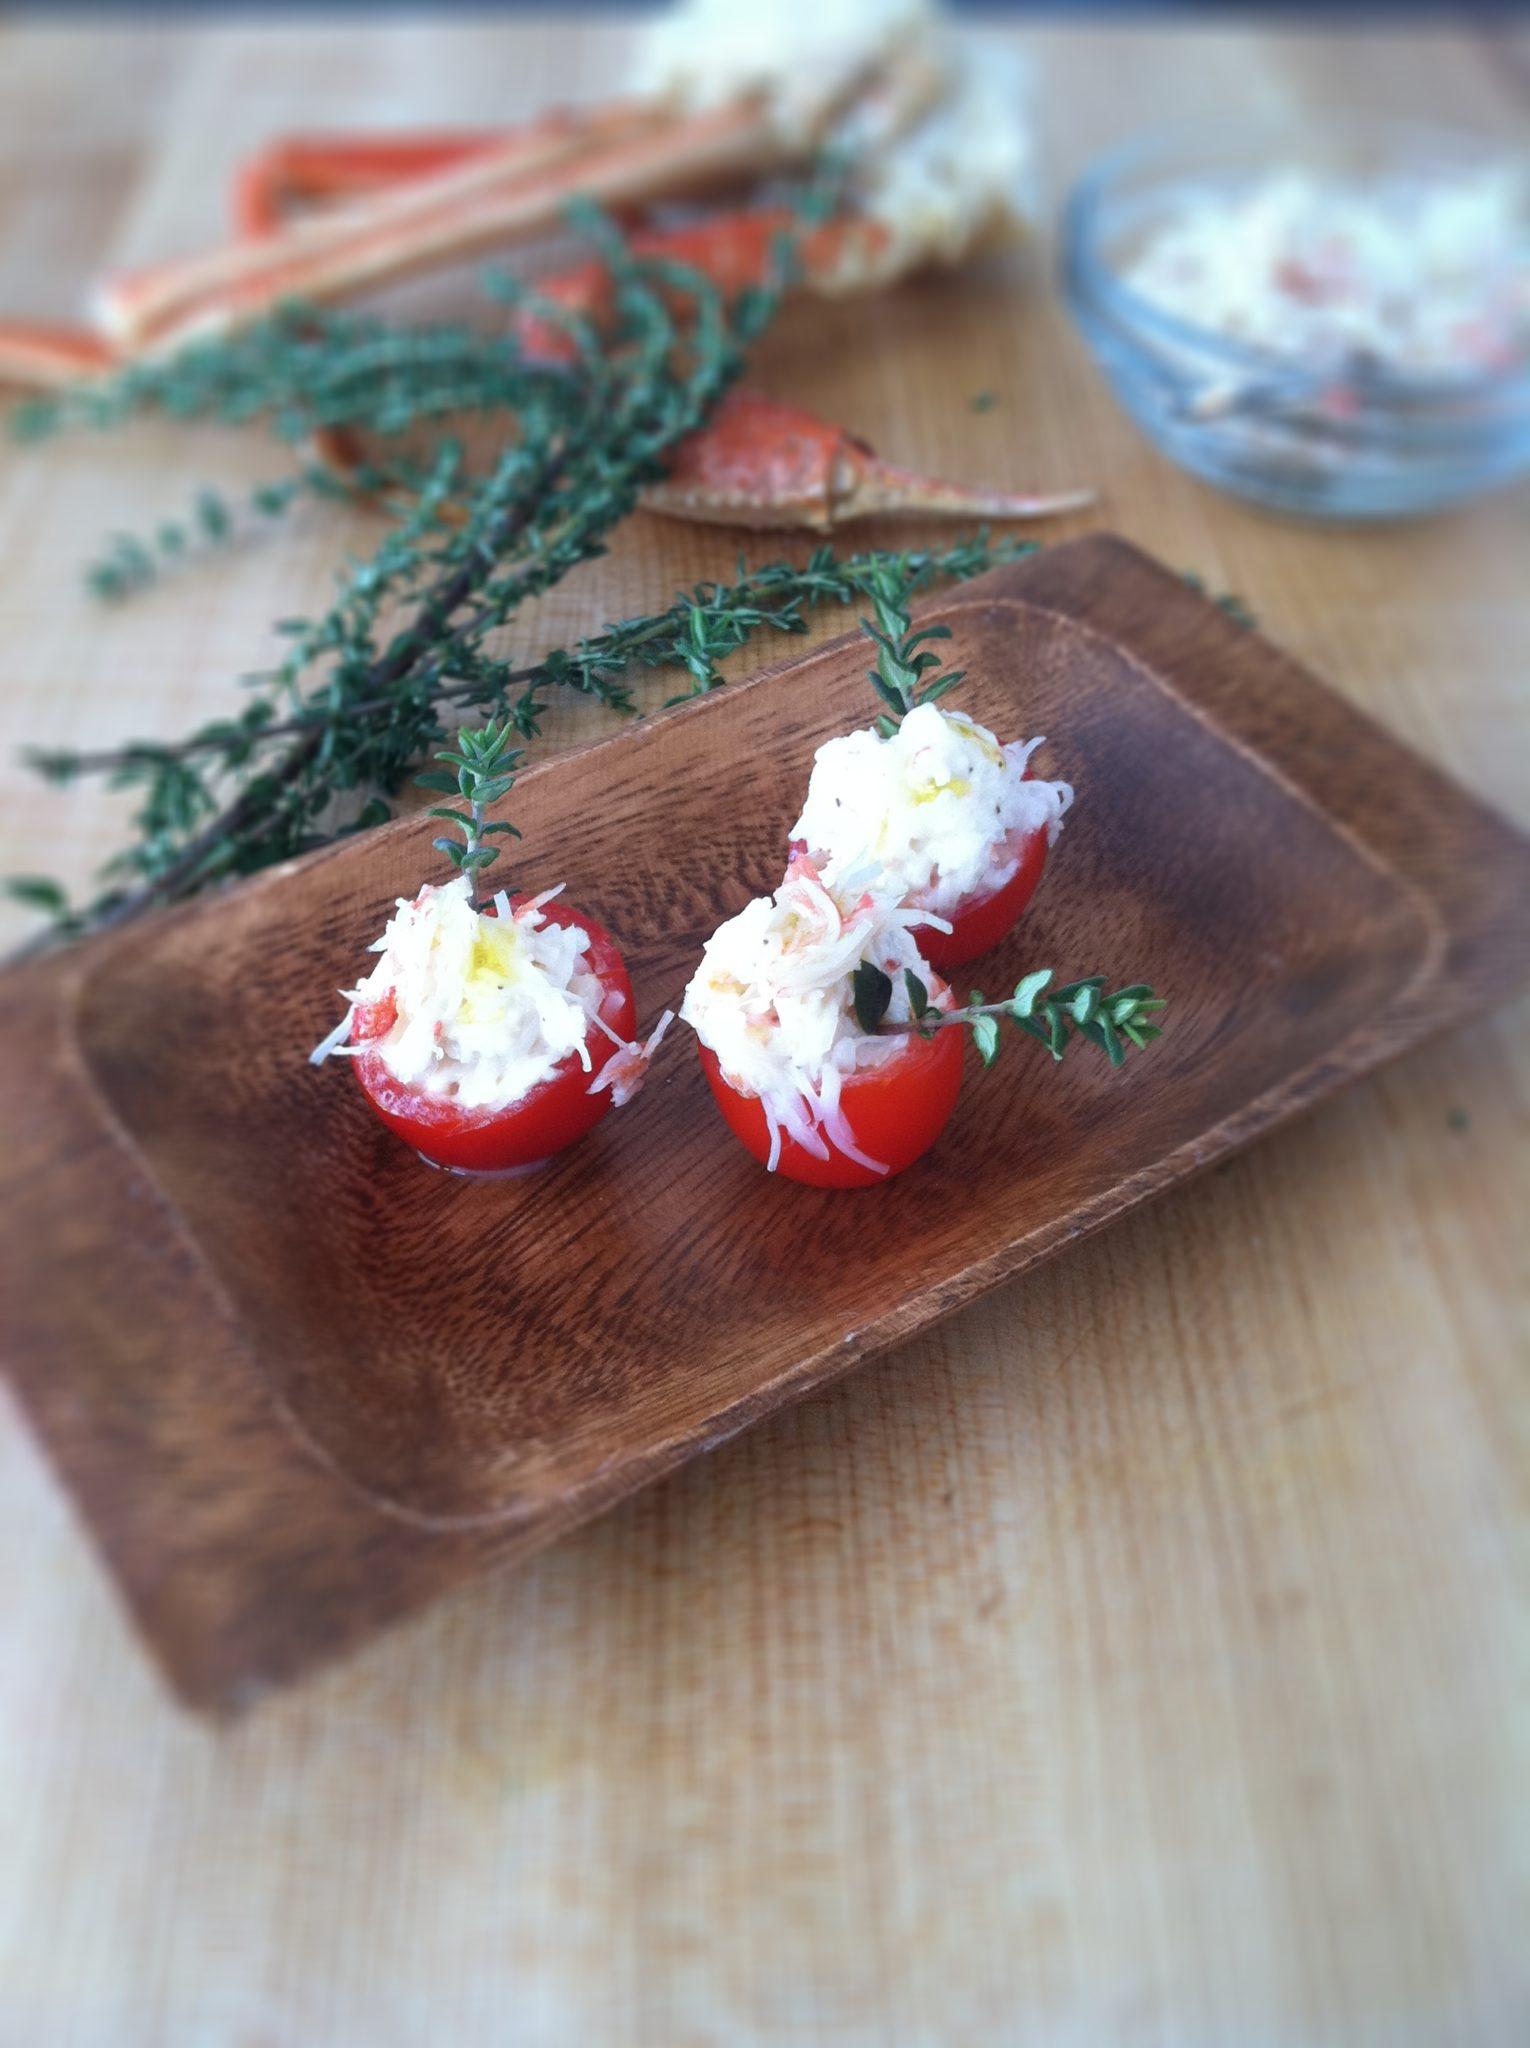 ... cherry tomato clafoutis cherry tomato ragu with polenta crab legs at